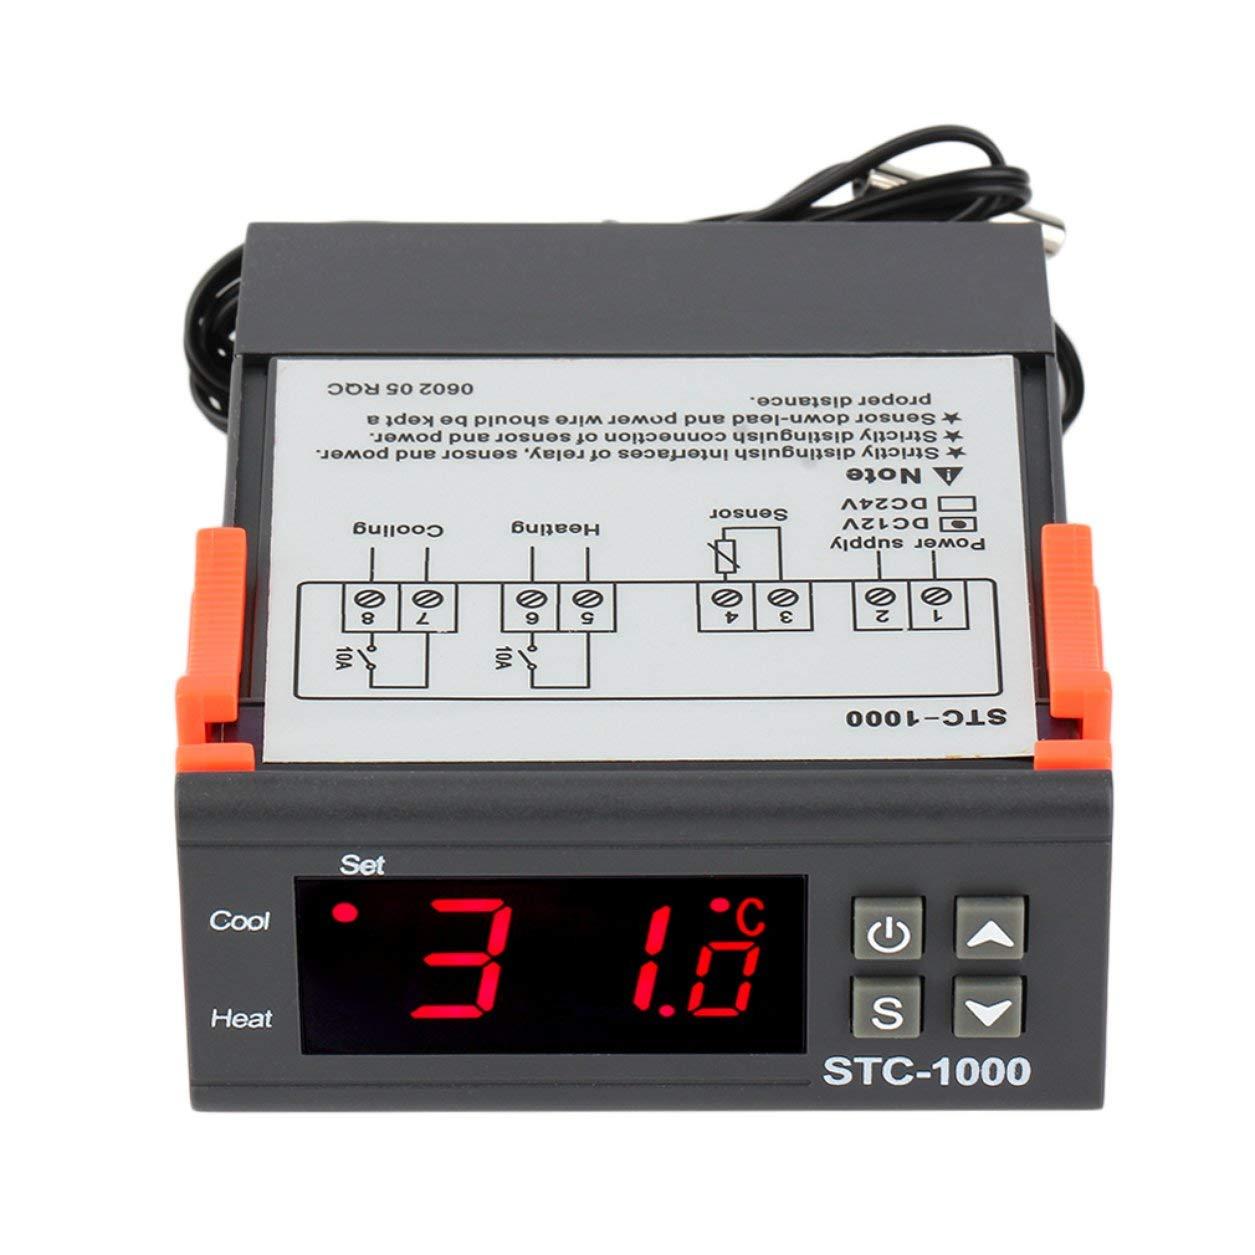 24V STC-1000 Termostato 50~99 gradi con sensore Regolatore di temperatura digitale con uscita a rel/è a due uscite professionale CC 12V